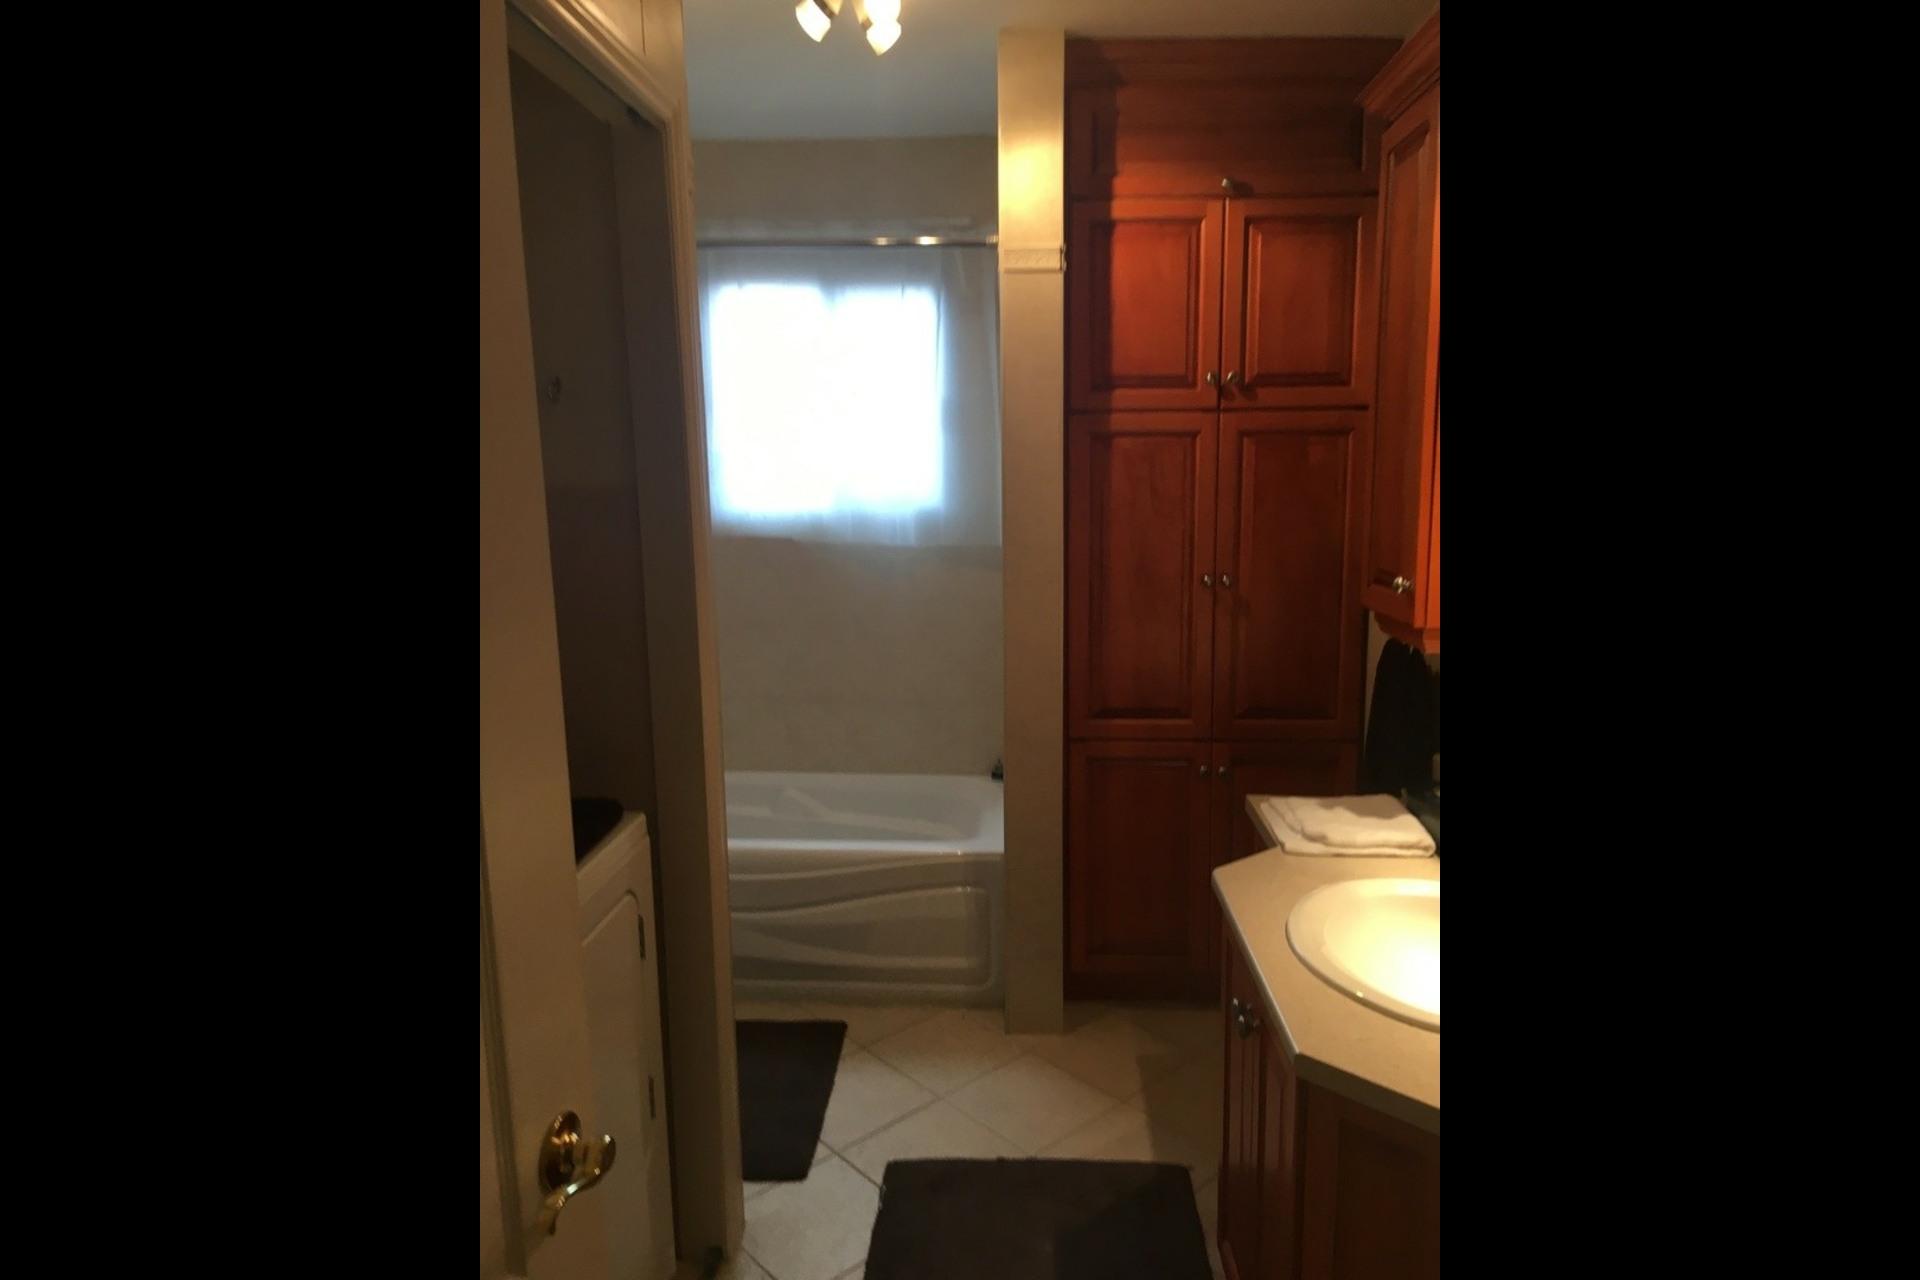 image 5 - Apartment For rent Montréal Saint-Leonard - 5 rooms